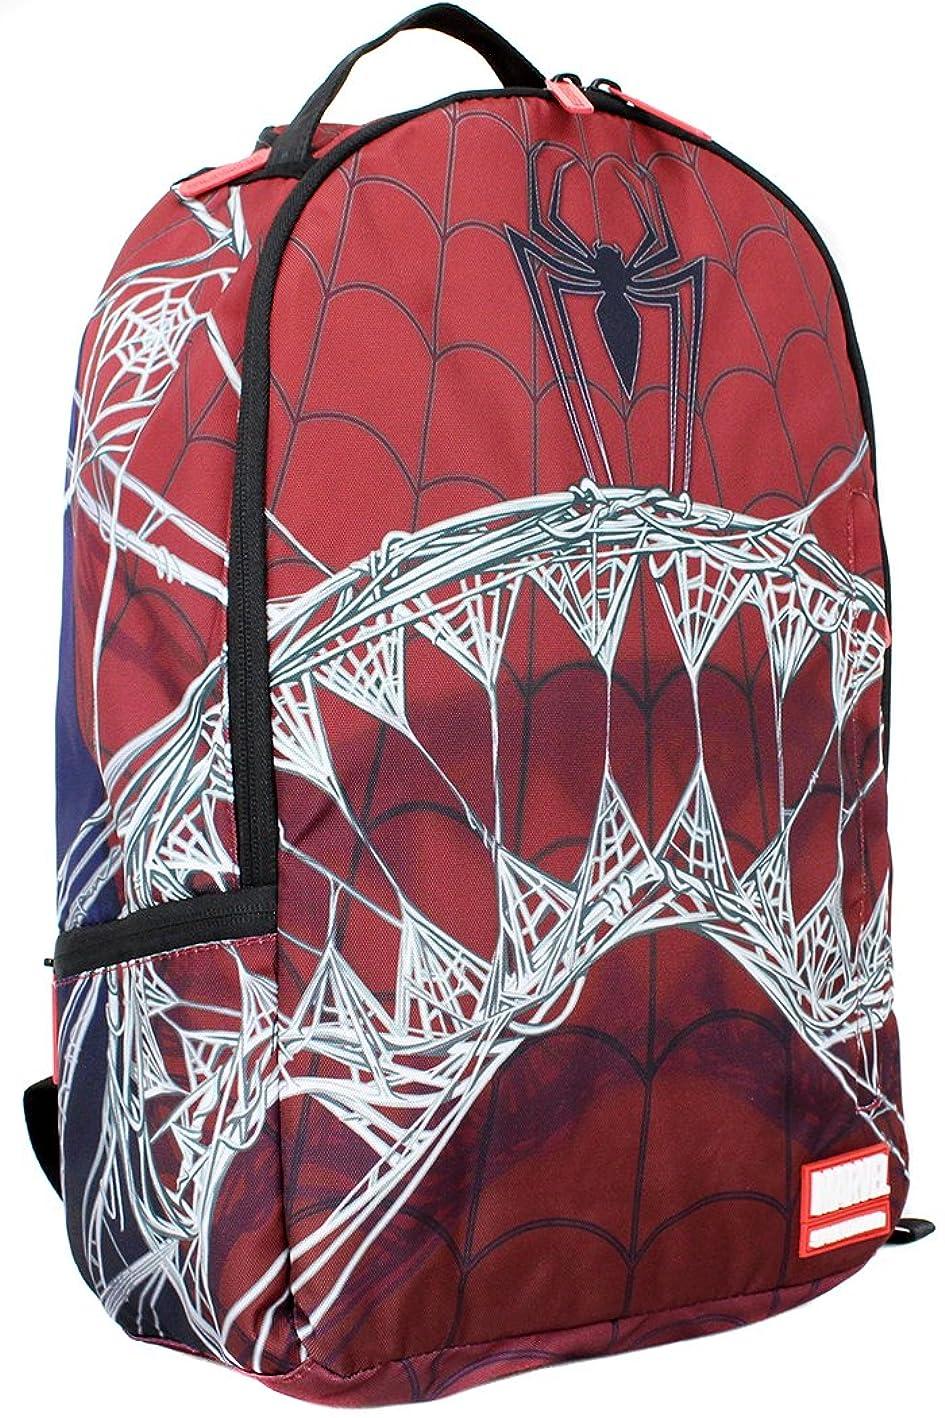 認証混合わかるSPRAY GROUND スプレイグラウンド マーベル スパイダーマン MARVEL SPIDERMAN WEBBED SHARK バックパック アメコミ コラボ リュックサック 鞄 メンズ レディース